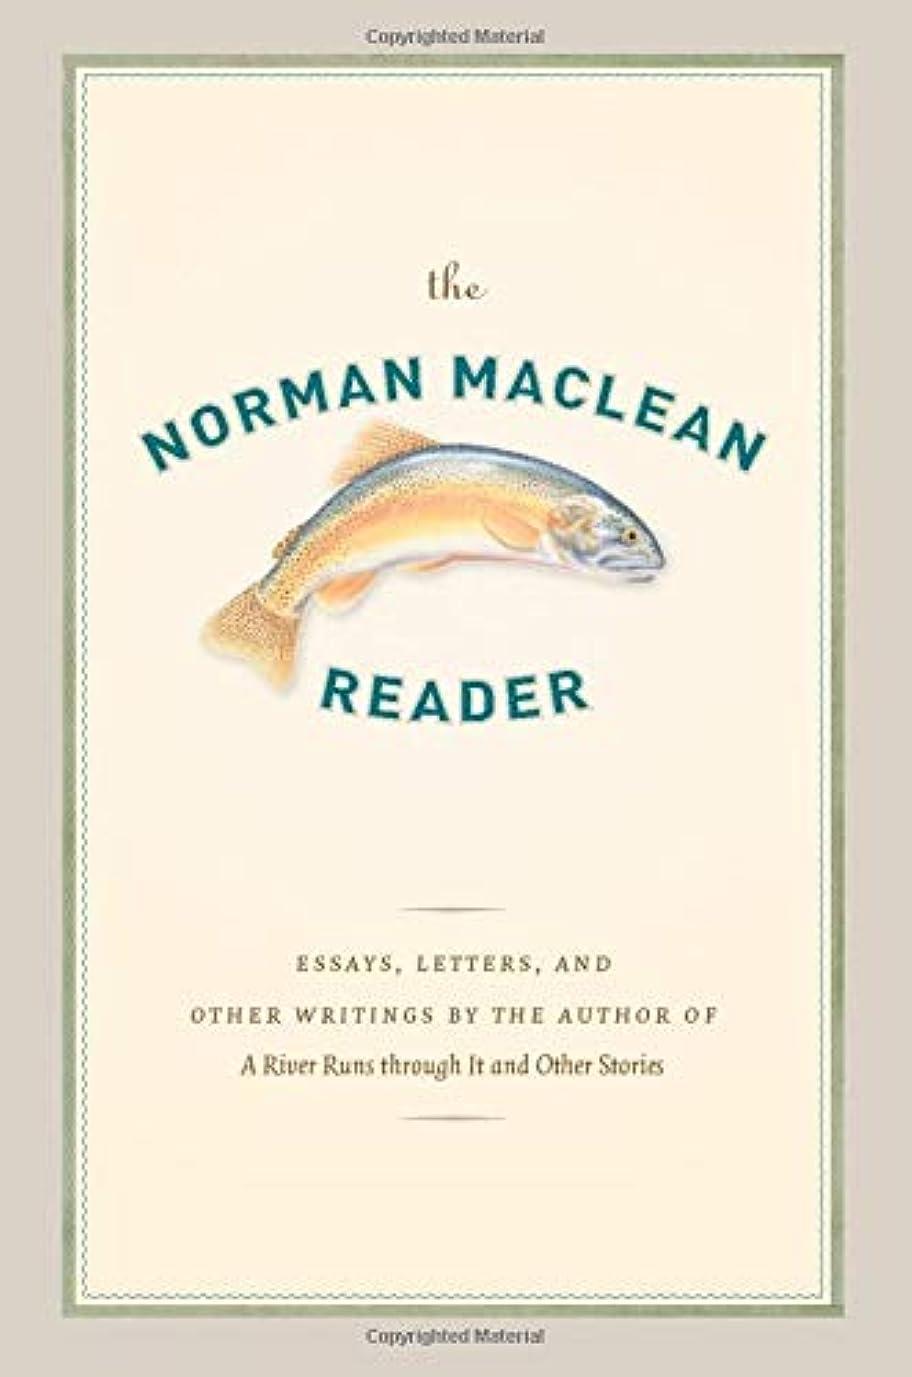 財政レンドプライバシーThe Norman Maclean Reader